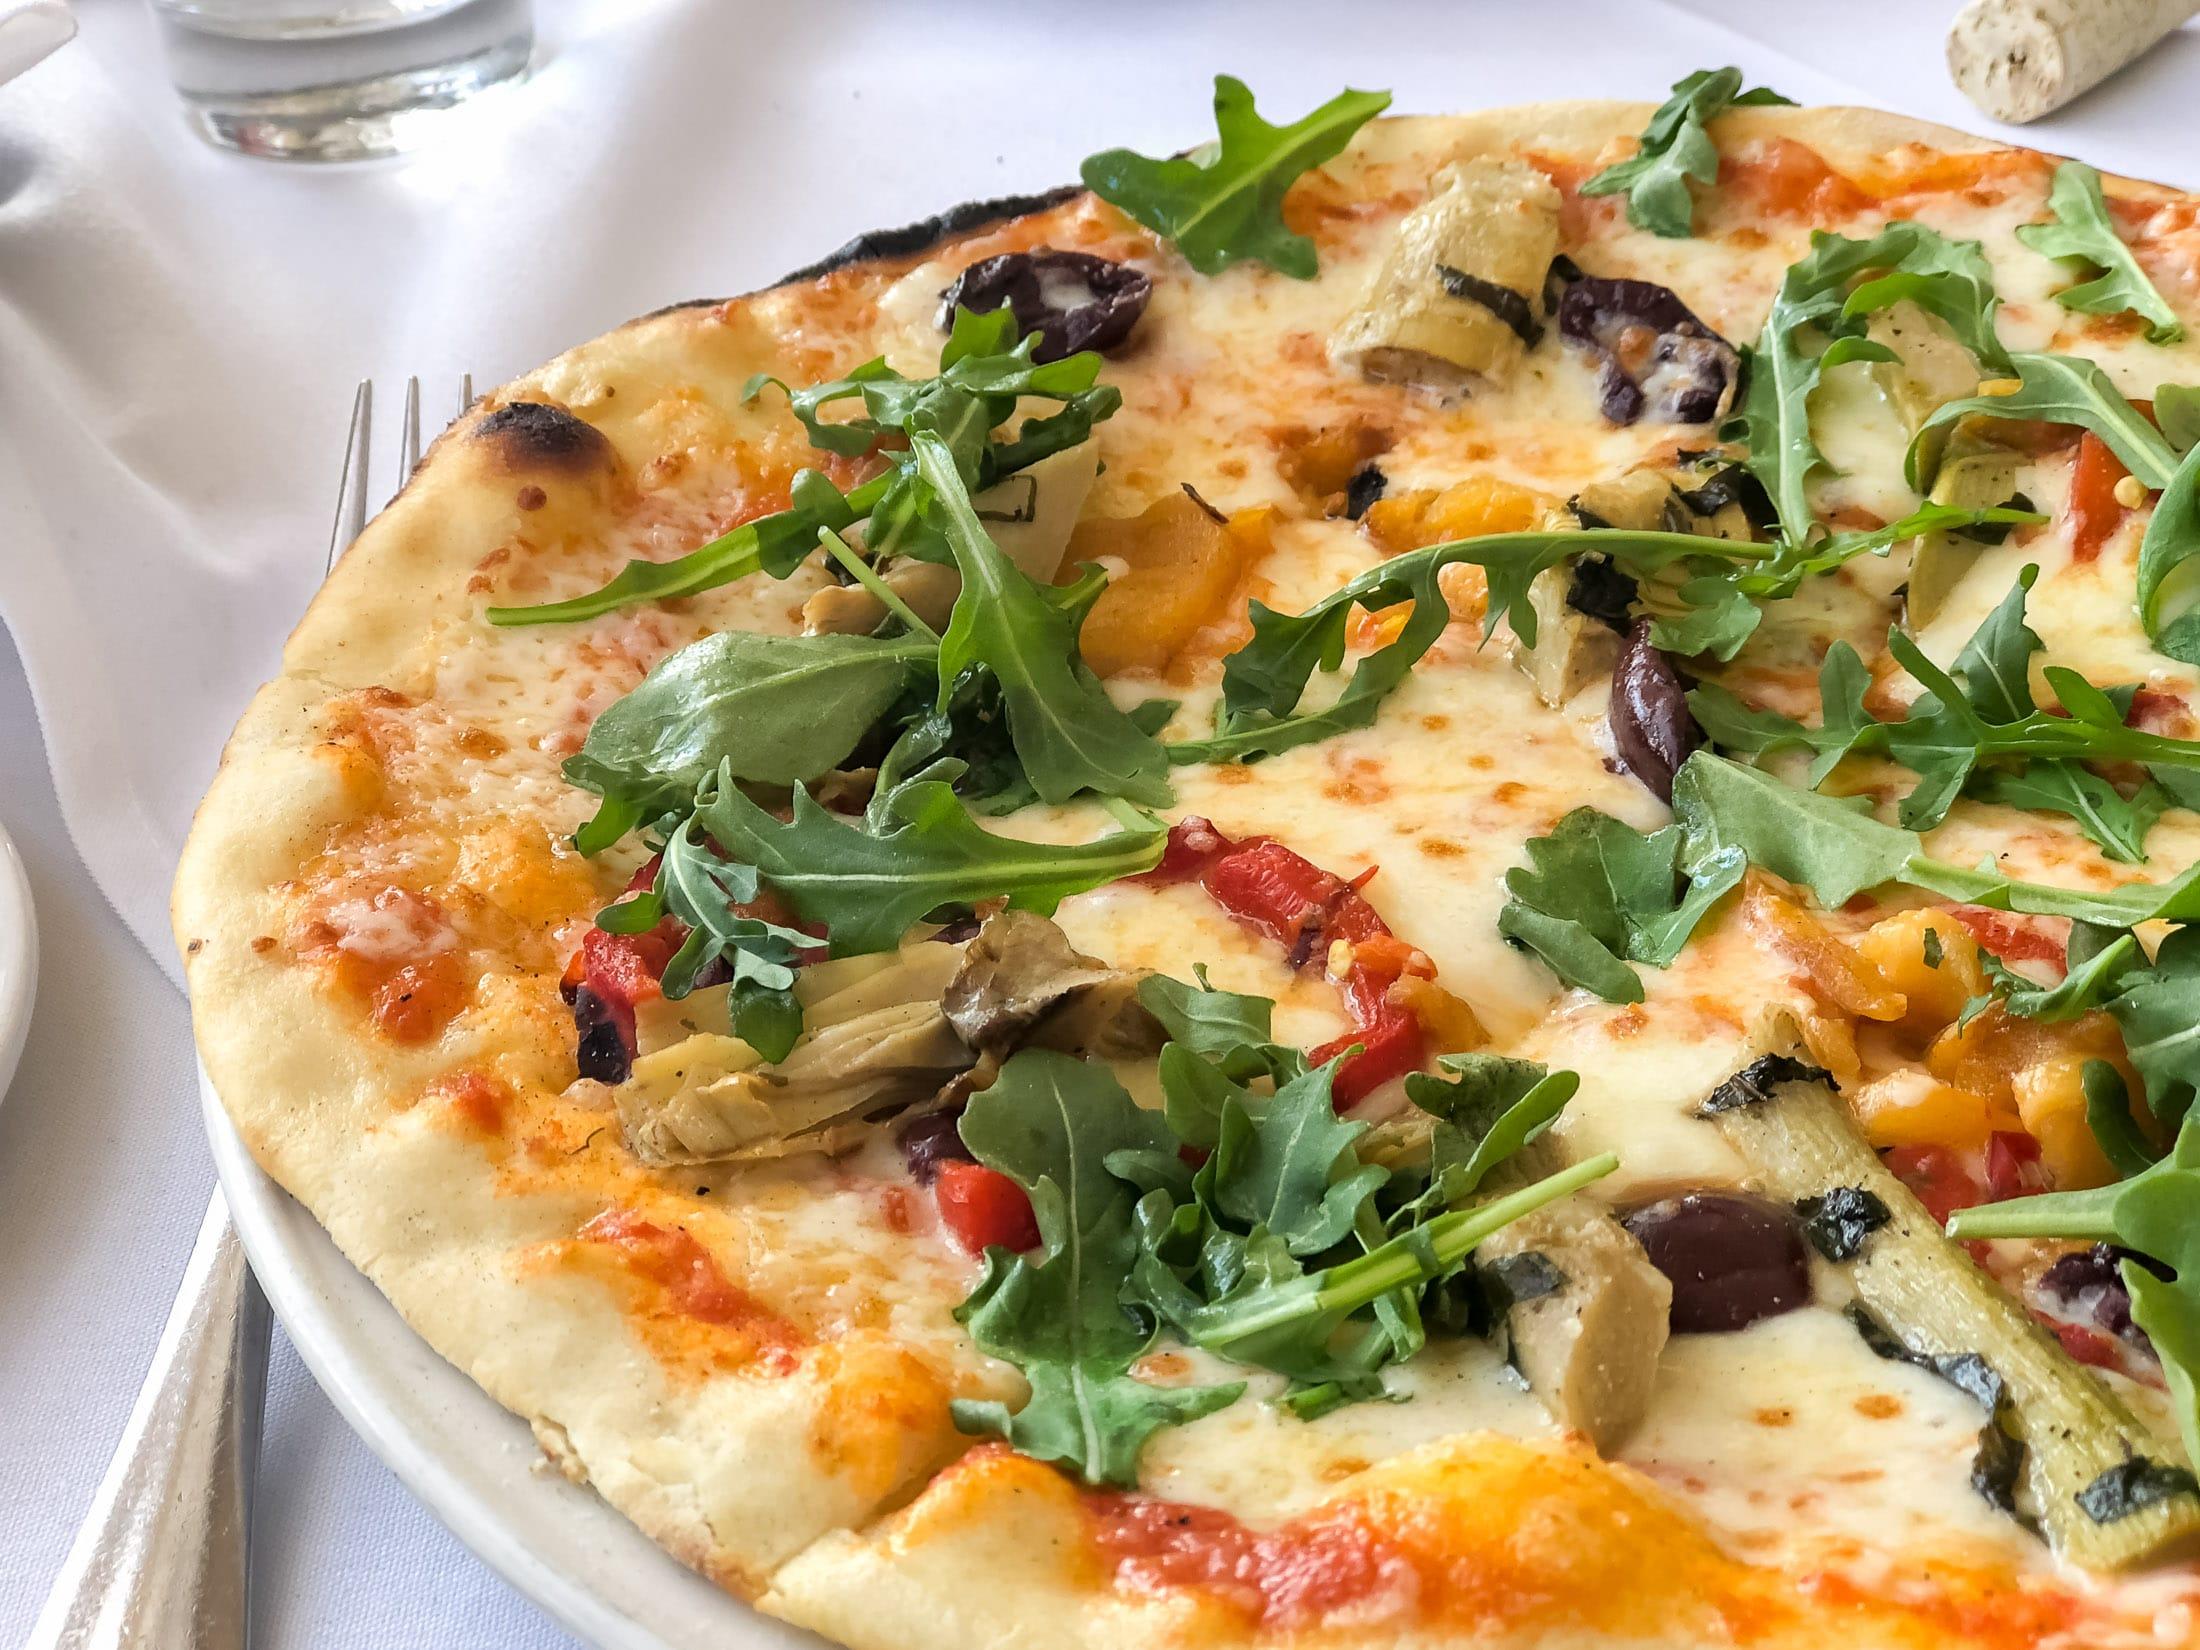 A wood-fired pizza on the table at Piatti, a popular La Jolla Italian restaurant.